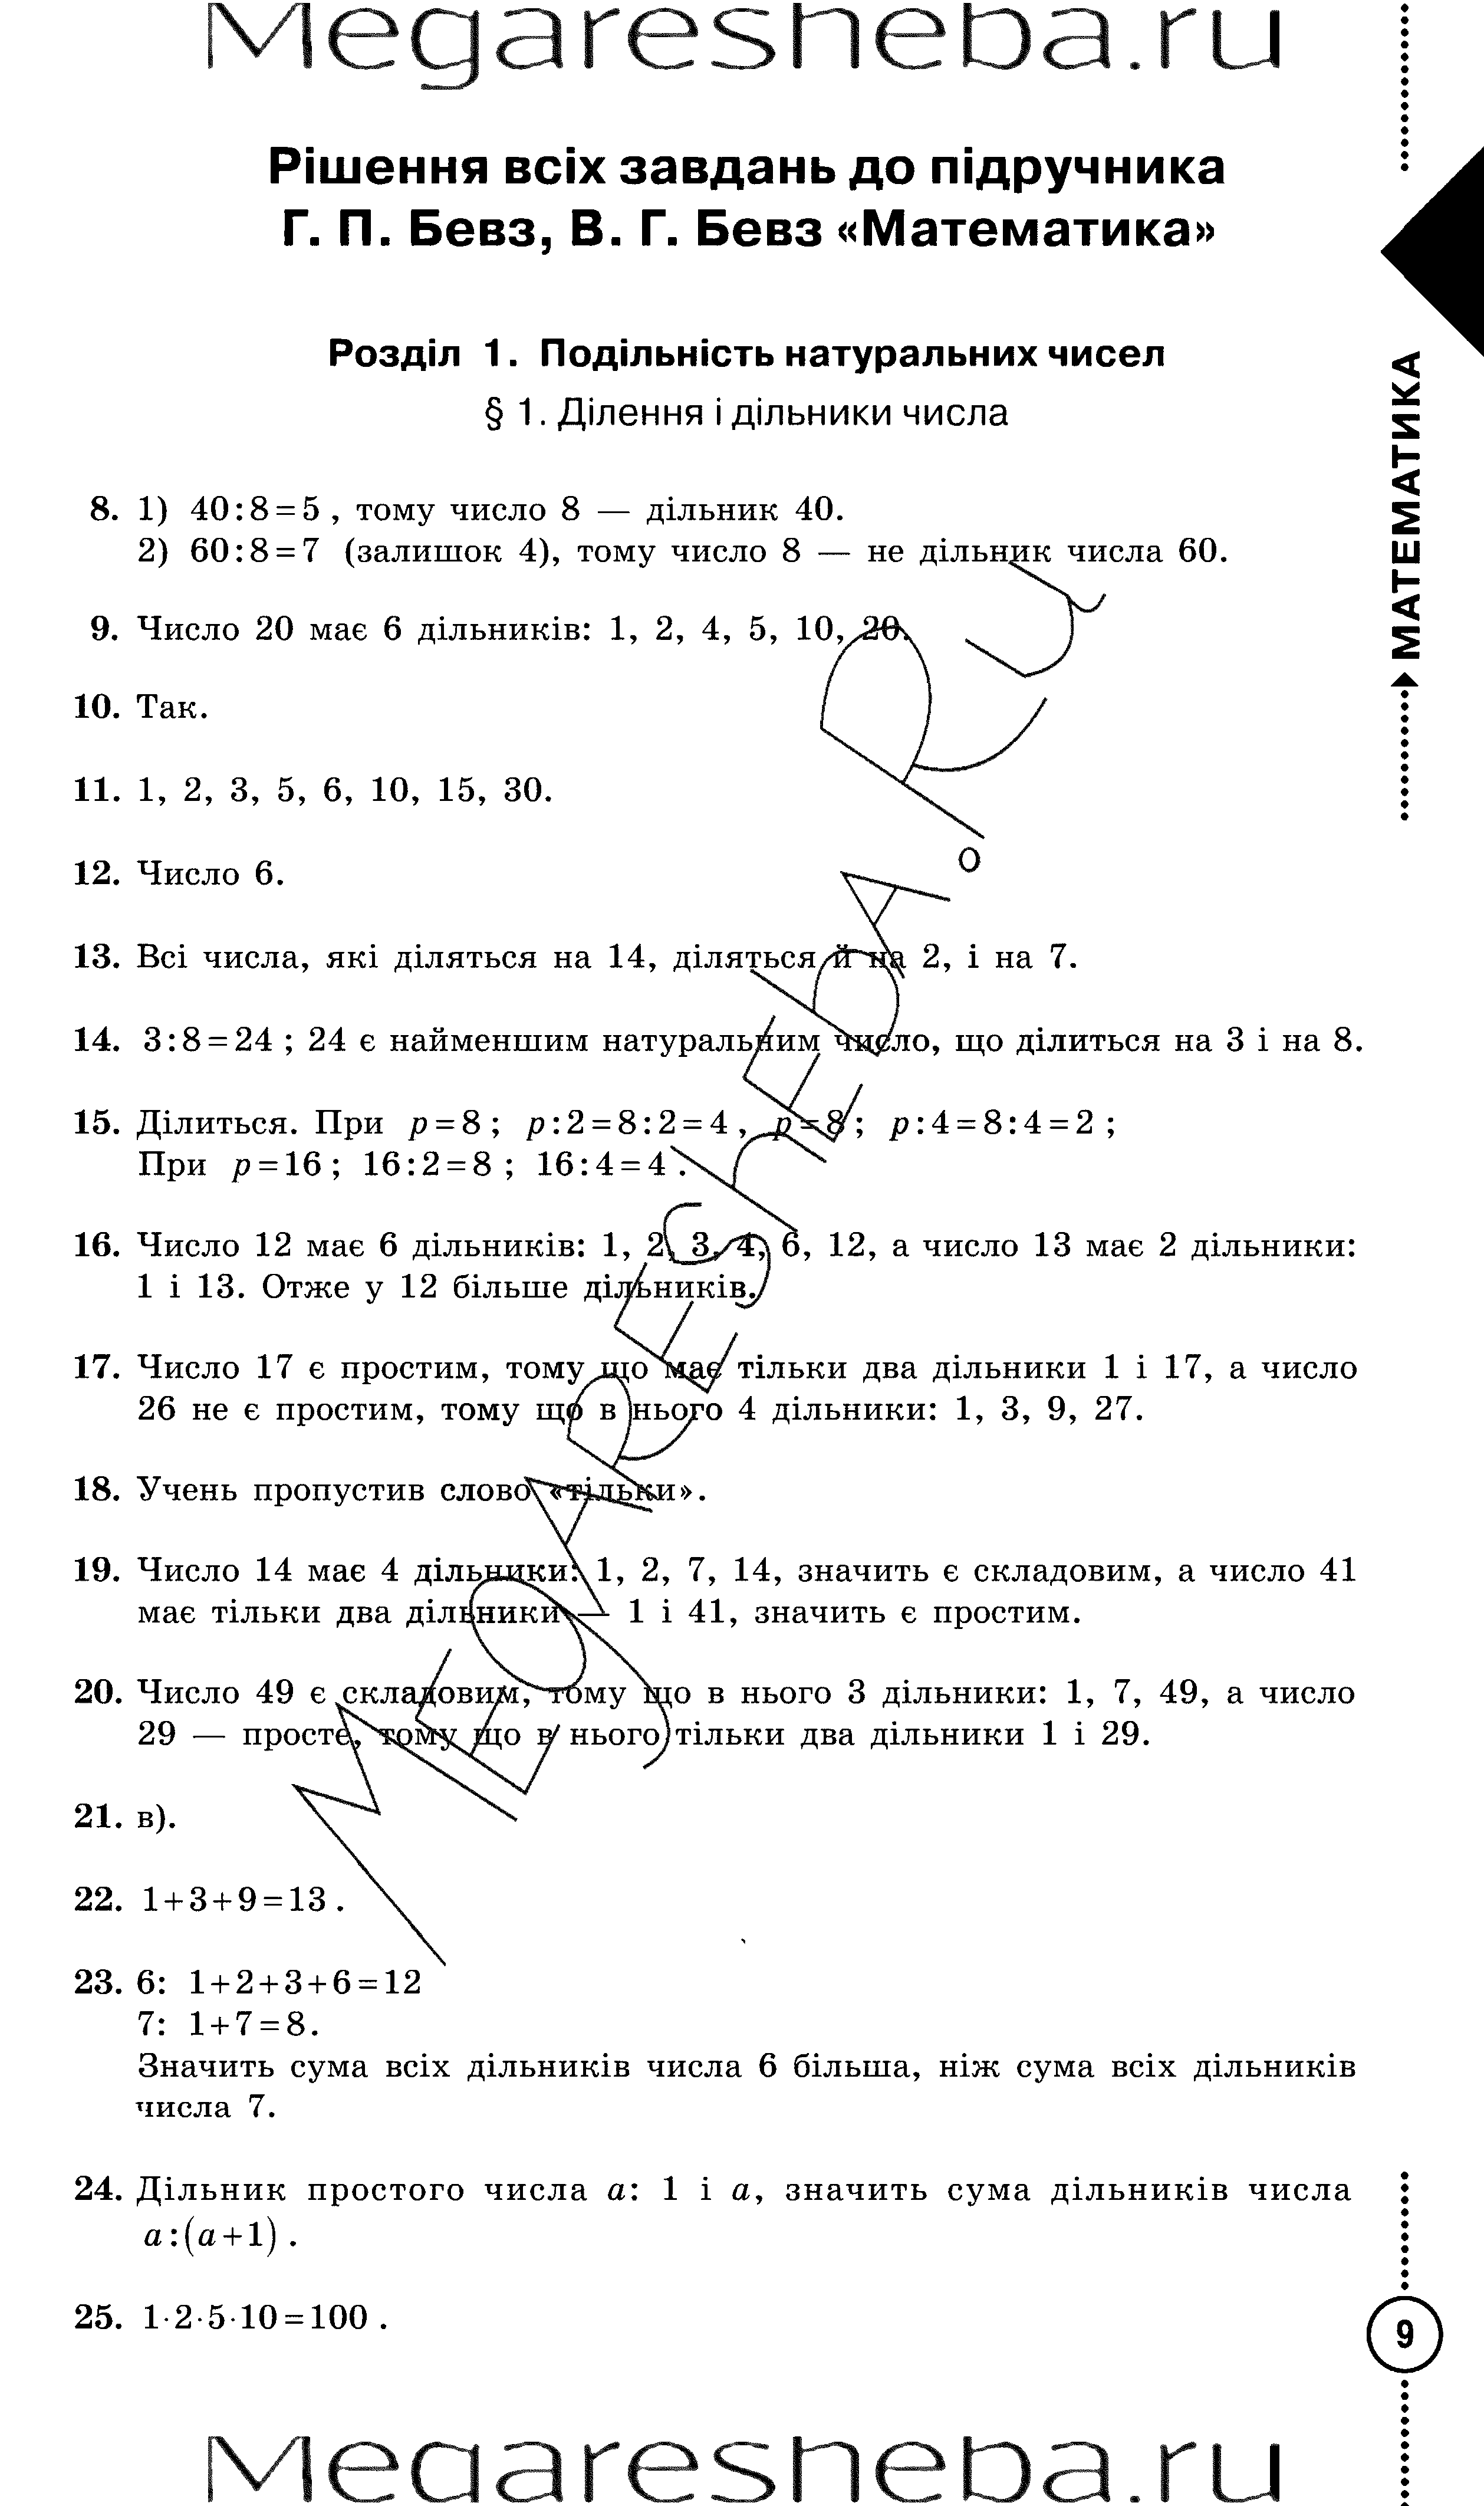 Решебник по алгебре 8 класс г.п.бевз в.г.бевз онлайн